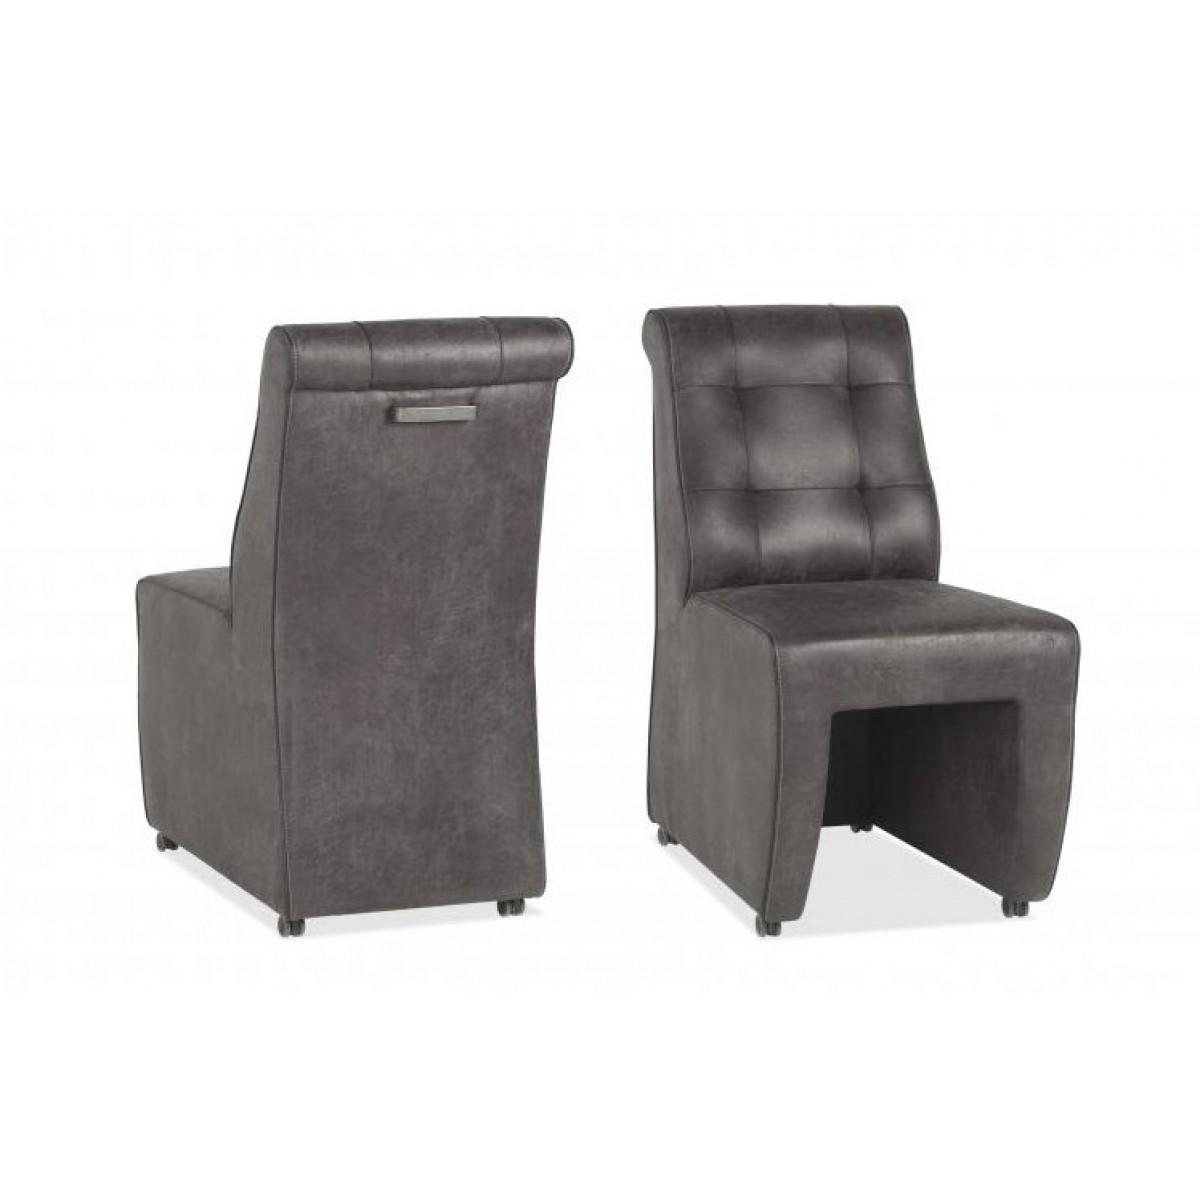 tarzan-stoel-eetkamerstoelen-op-wielen-maxfurn